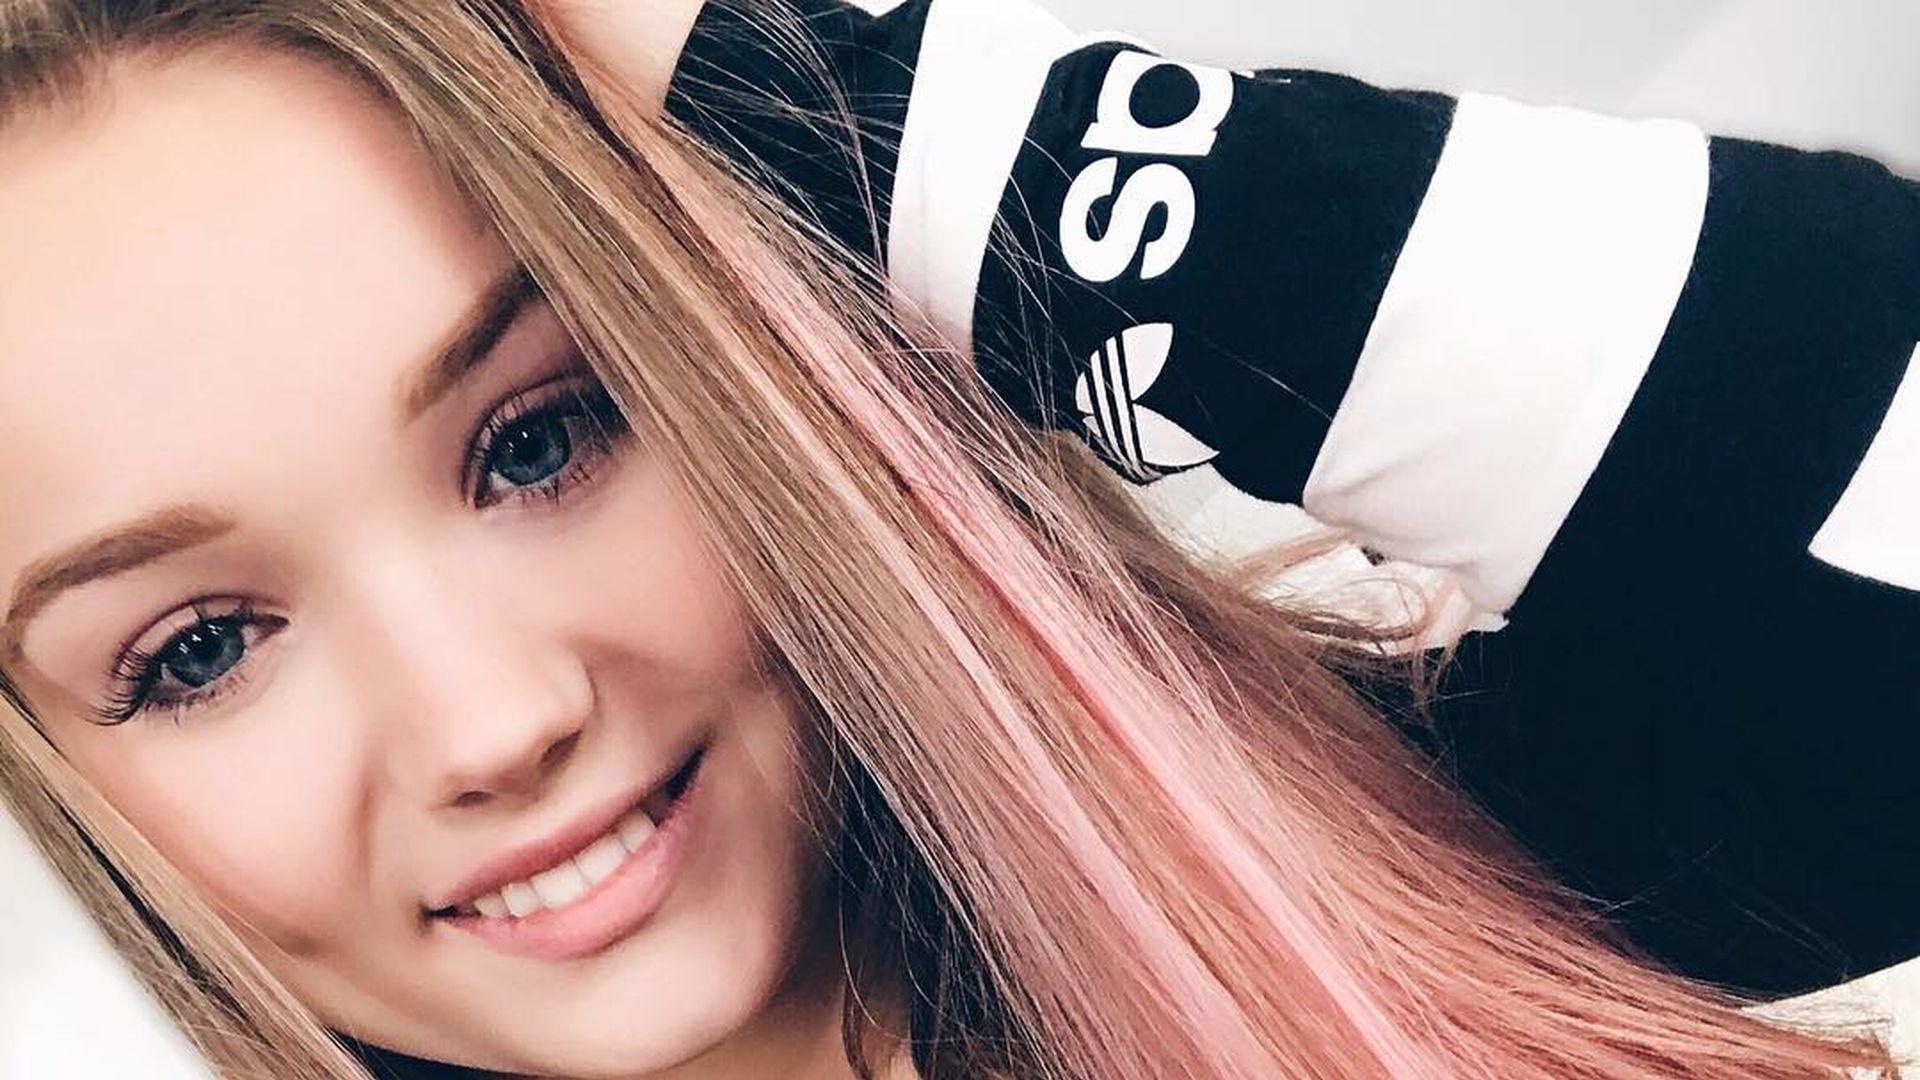 Fast Gestorben Fans Sorgen Sich Um Youtuberin Julia -7050